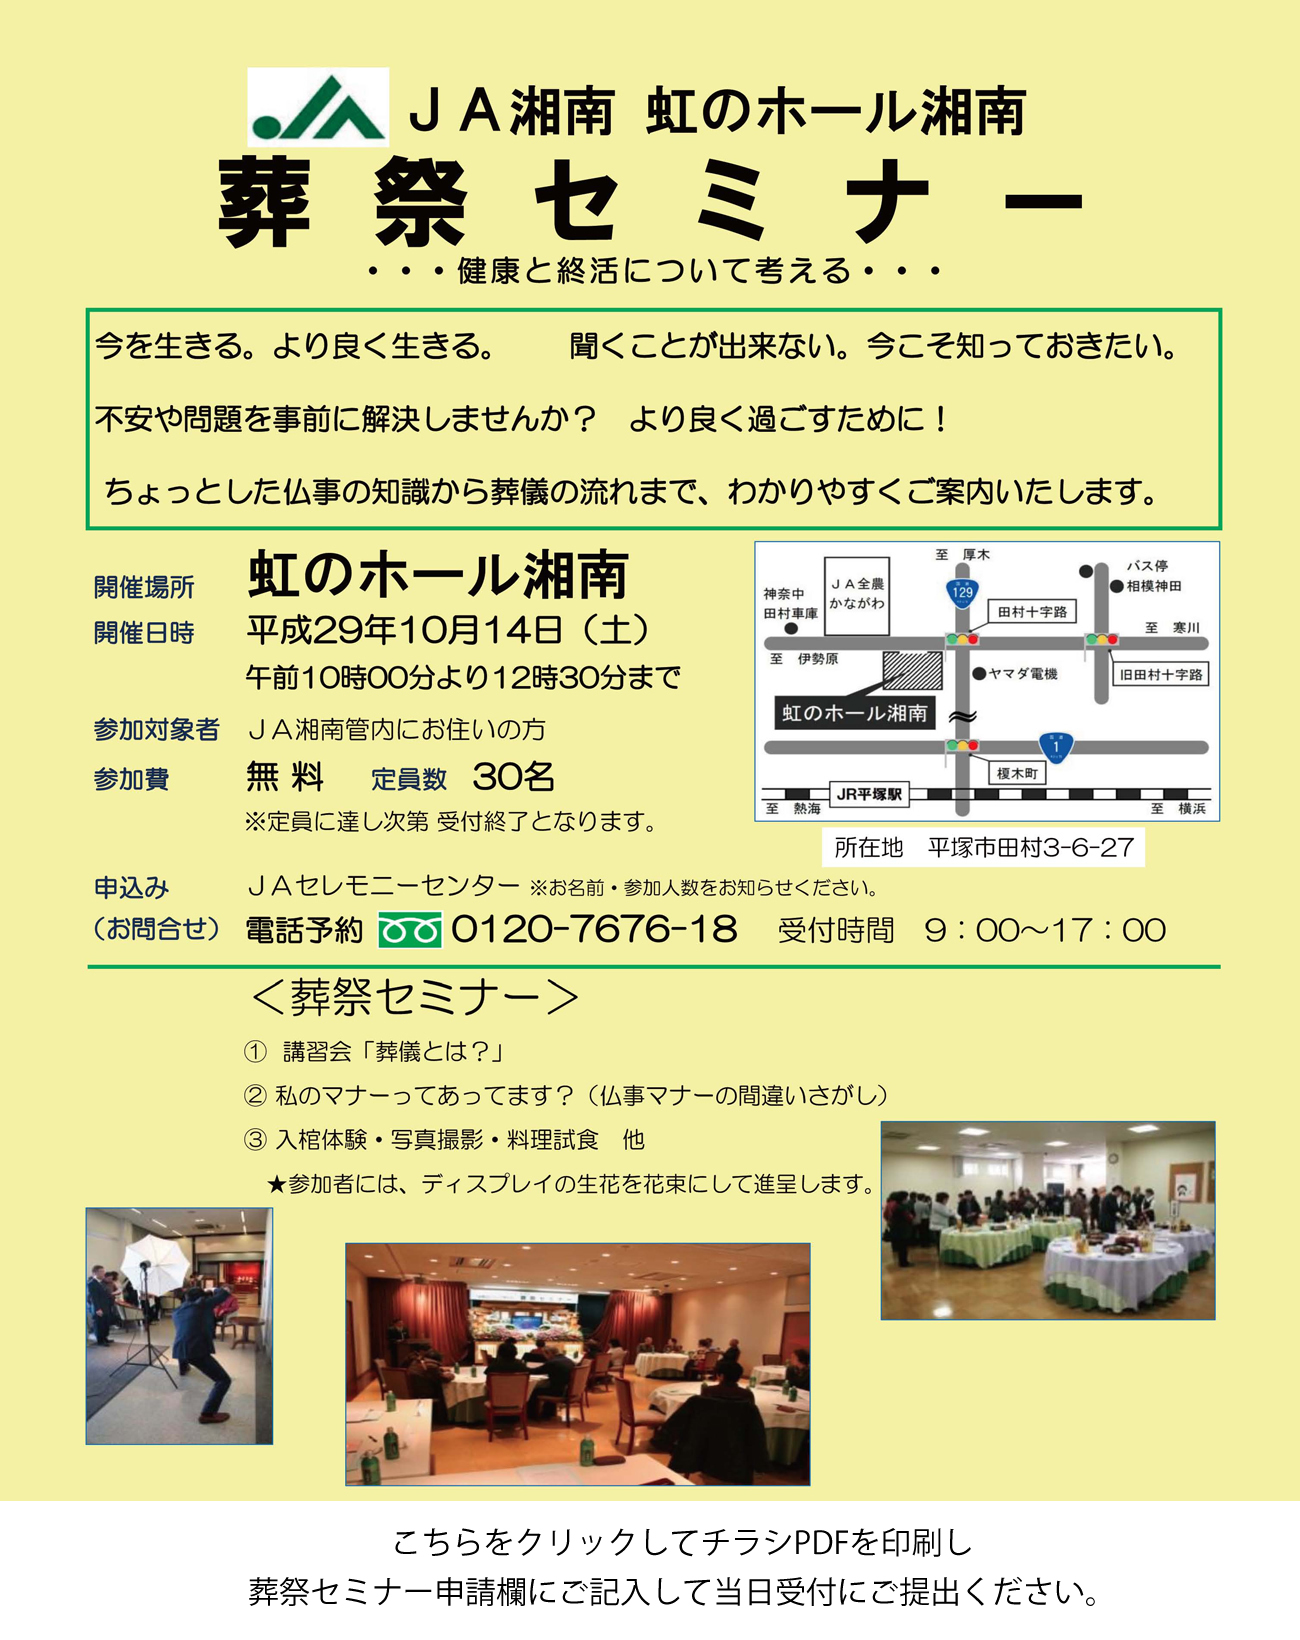 【H29.10.14(土)】虹のホール湘南 葬祭セミナー